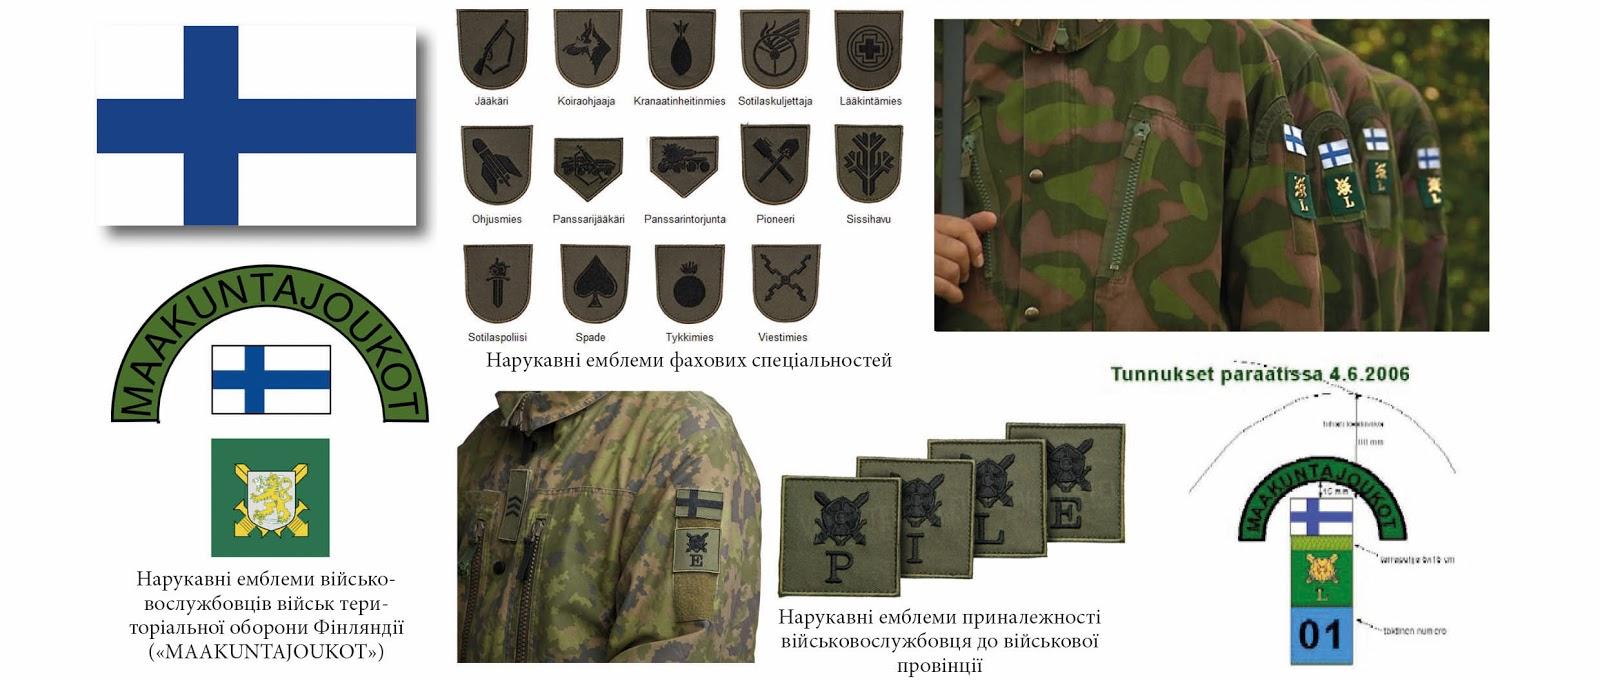 нарукавні емблеми тероборони ЗС Фінляндія